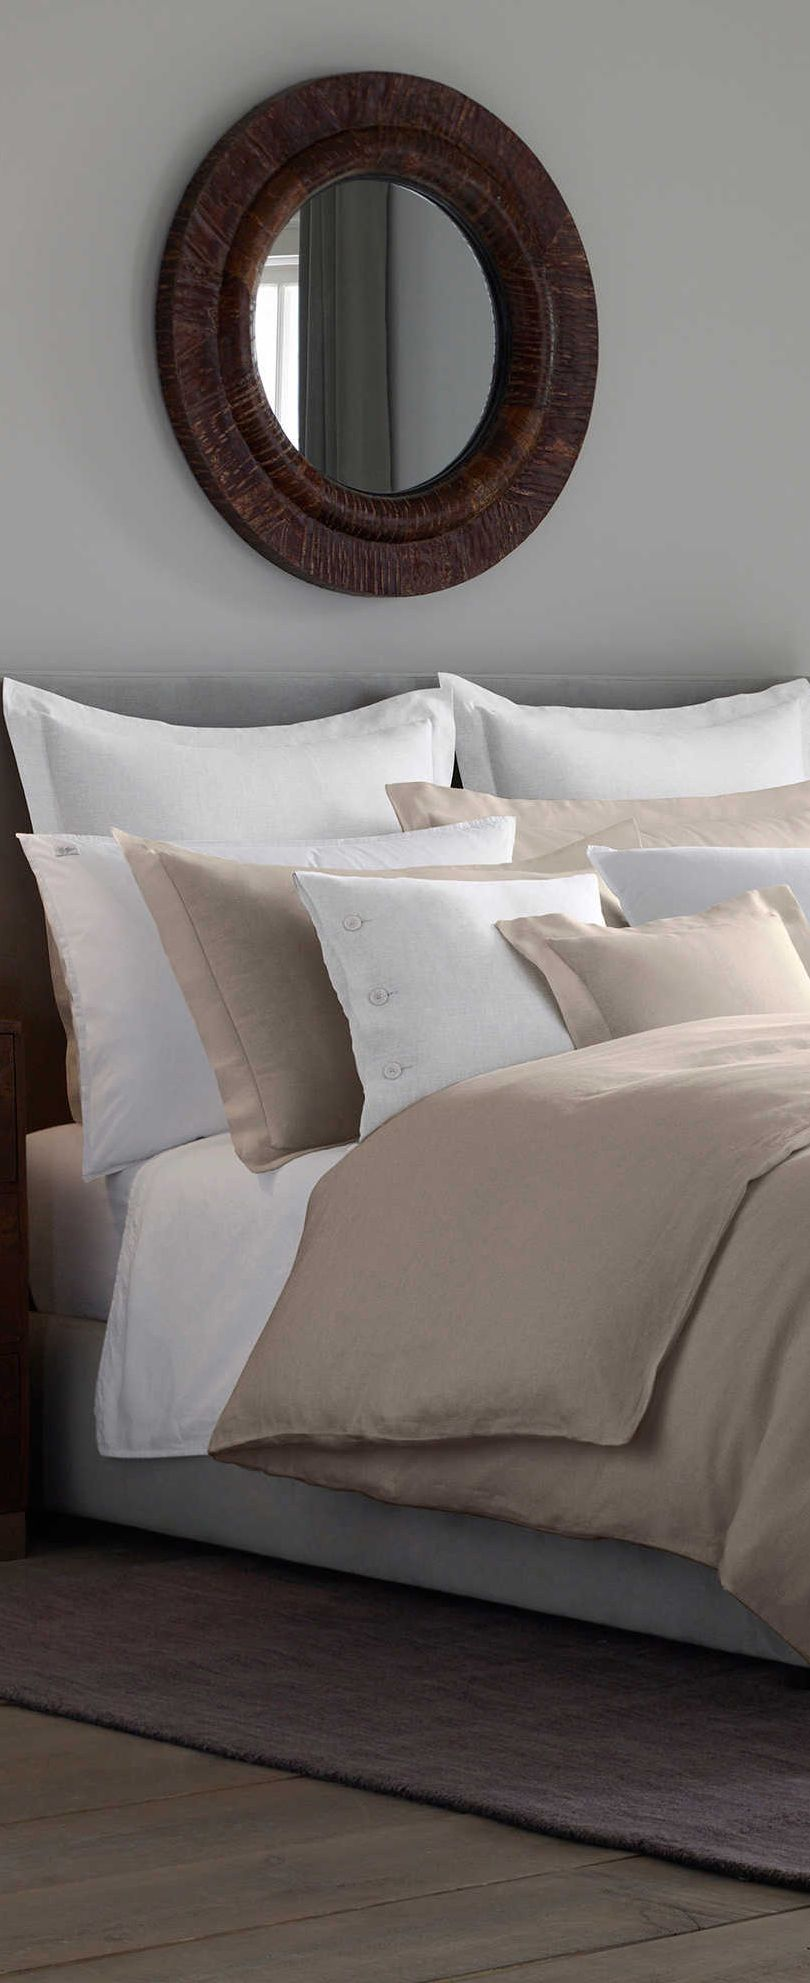 bellora linge de lit Duvet Covers | Pinterest | Linge de maison, Linge et Intérieur bellora linge de lit